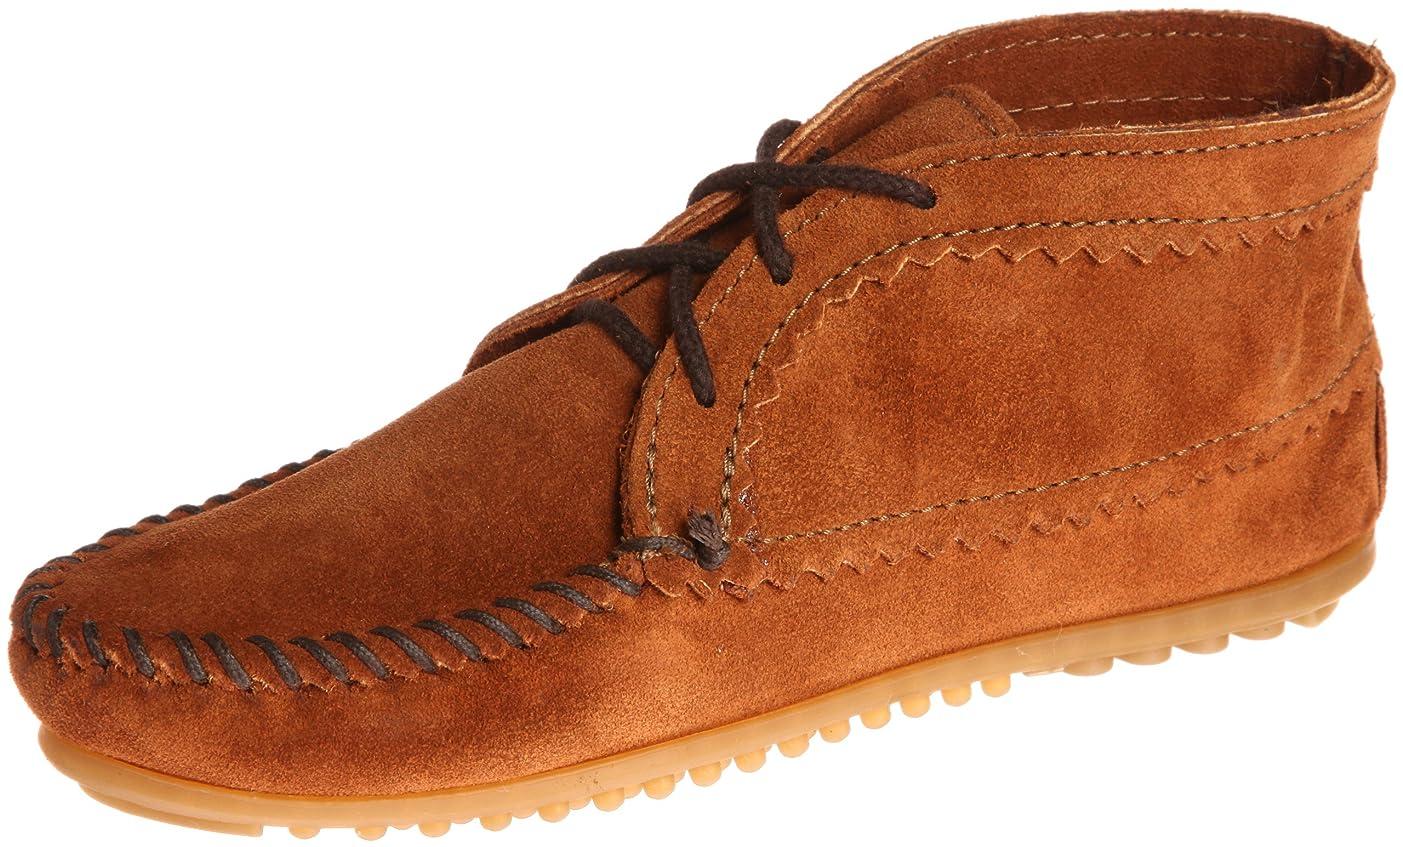 財団照らすどこでも[ミネトンカ] MINNETONKA 【公式】ブーツ SUEDE ANKLE BOOT